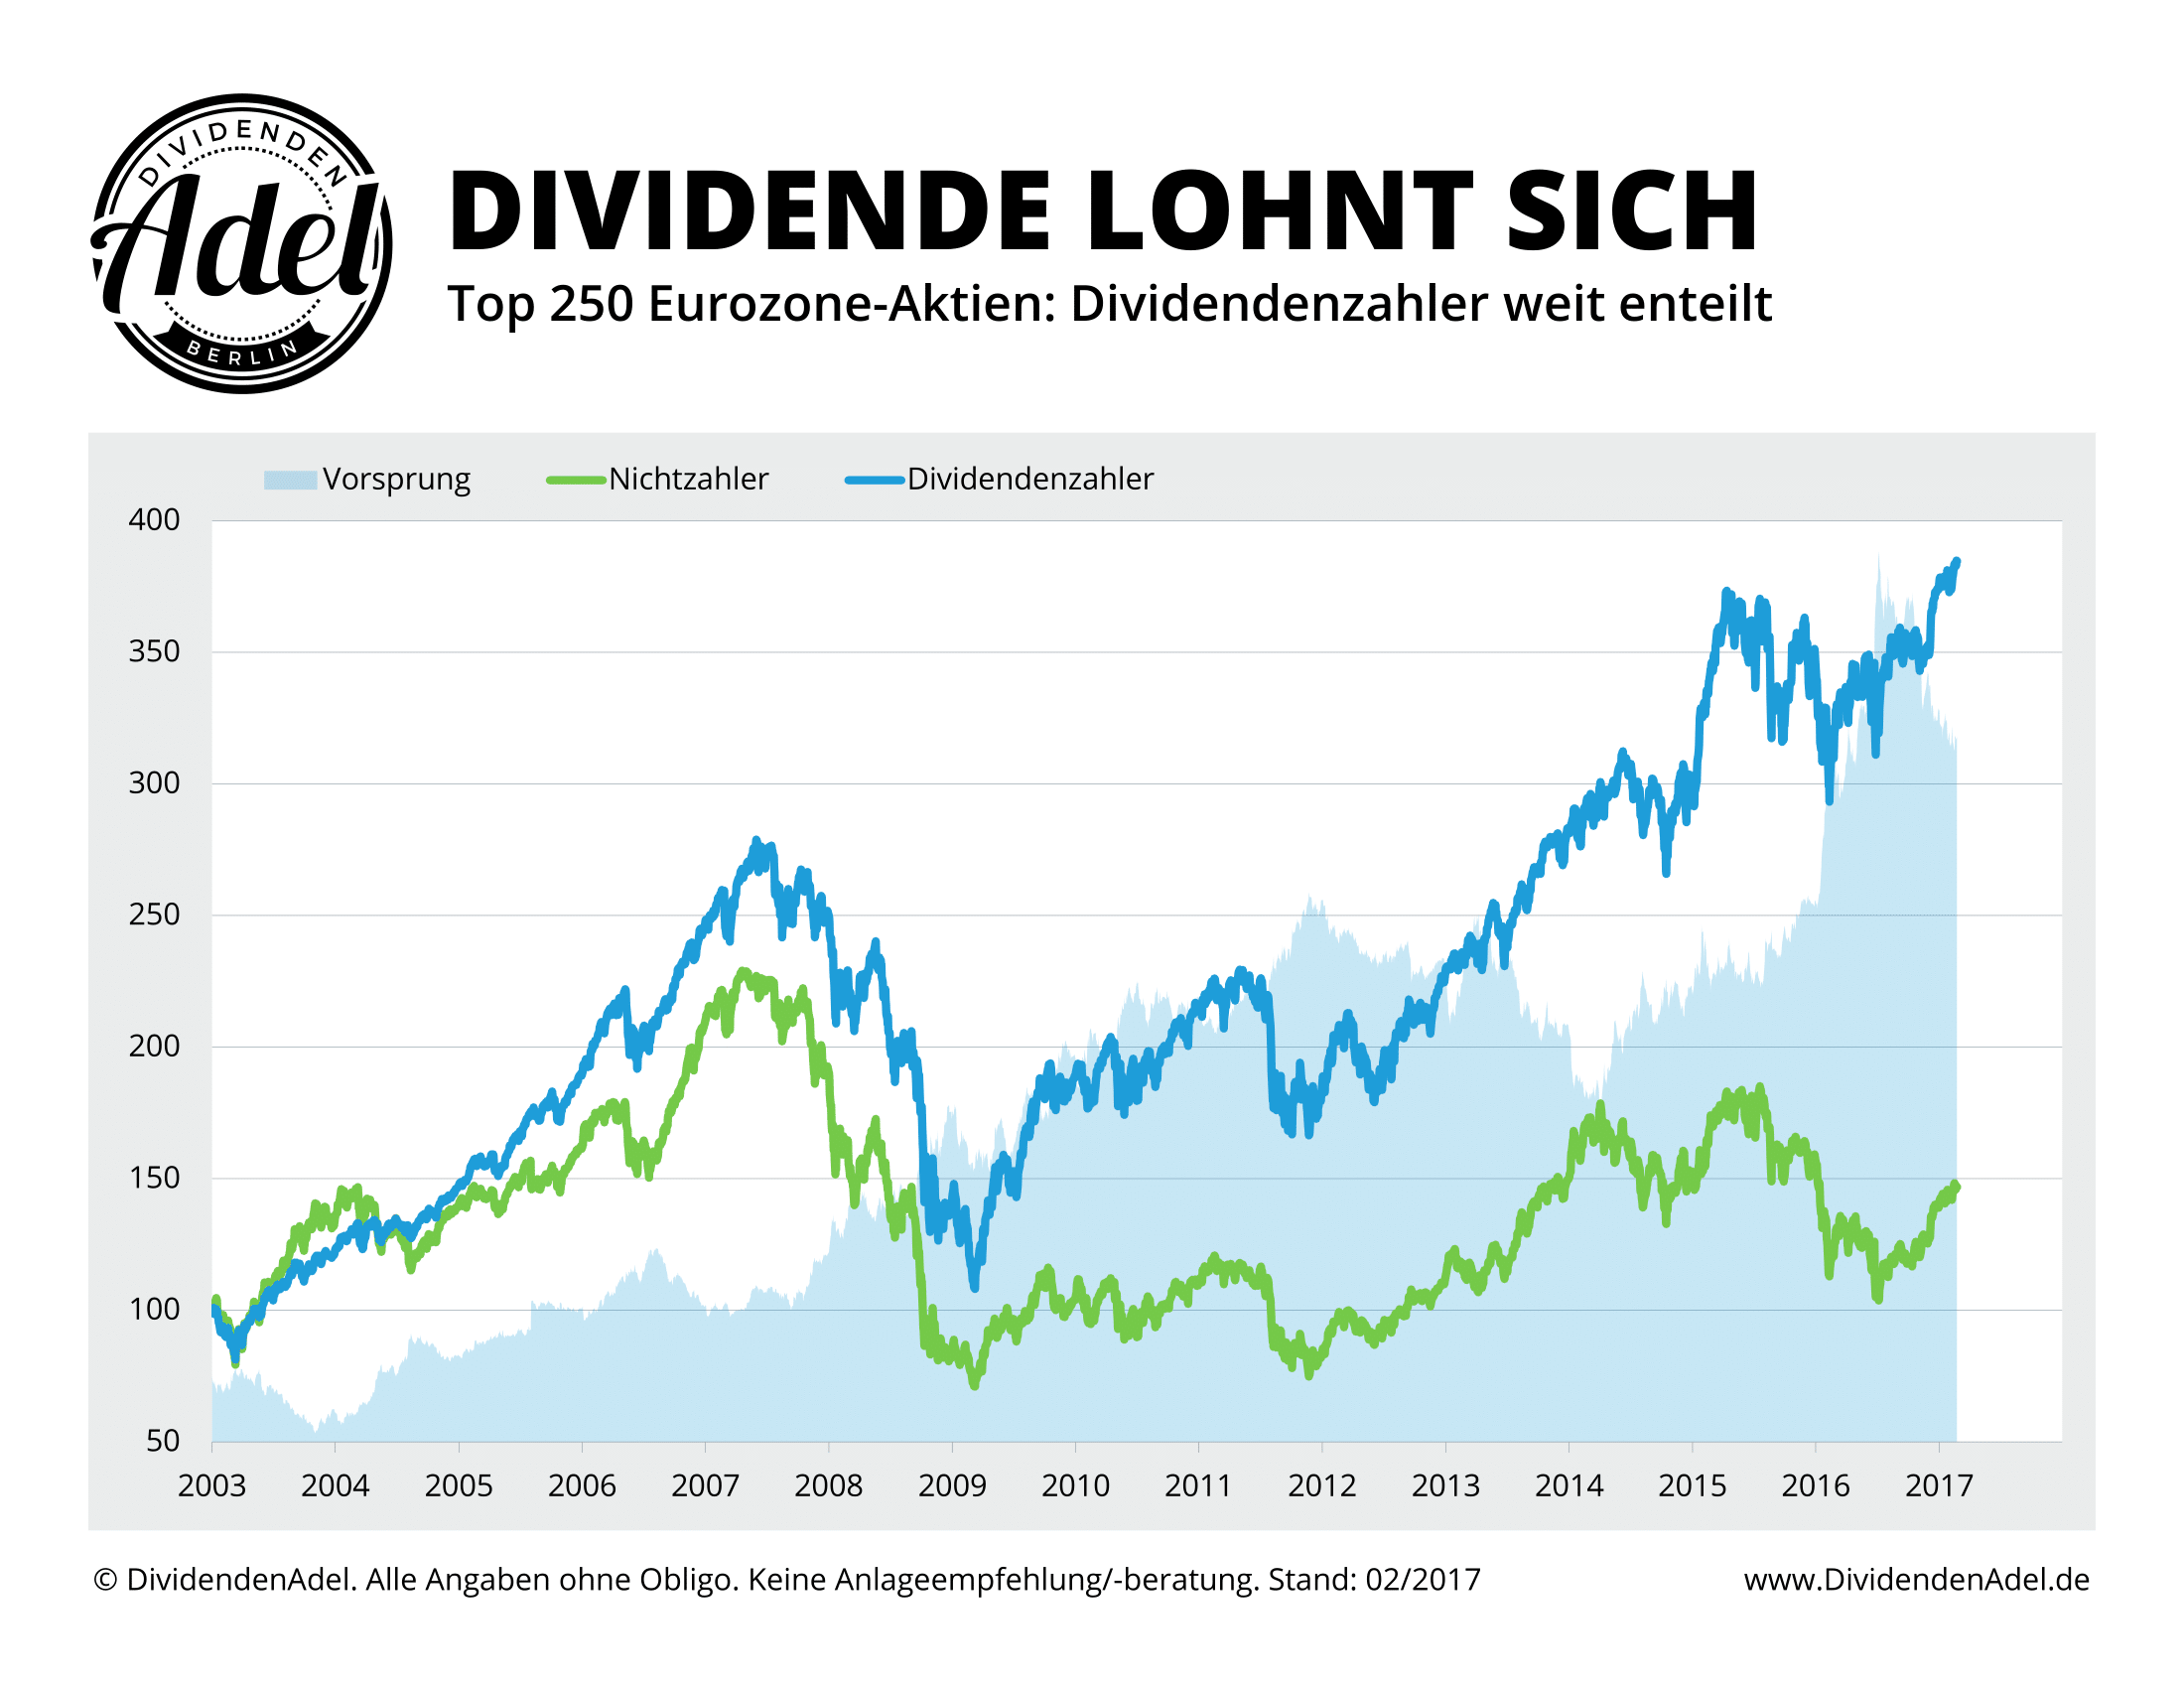 Euro Dividendenzahler vs. Nichtzahler